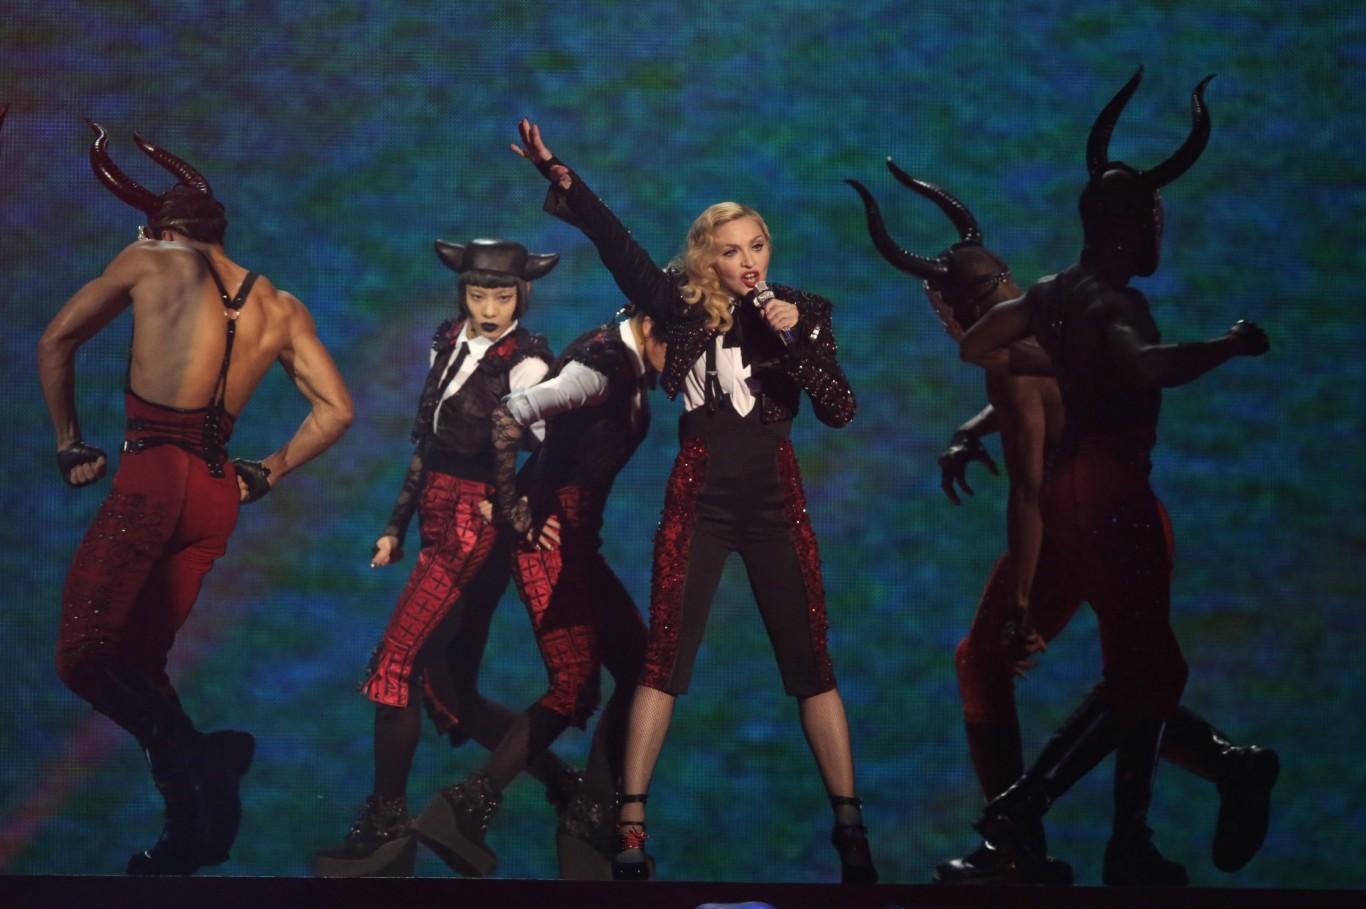 Madonna at the Brits